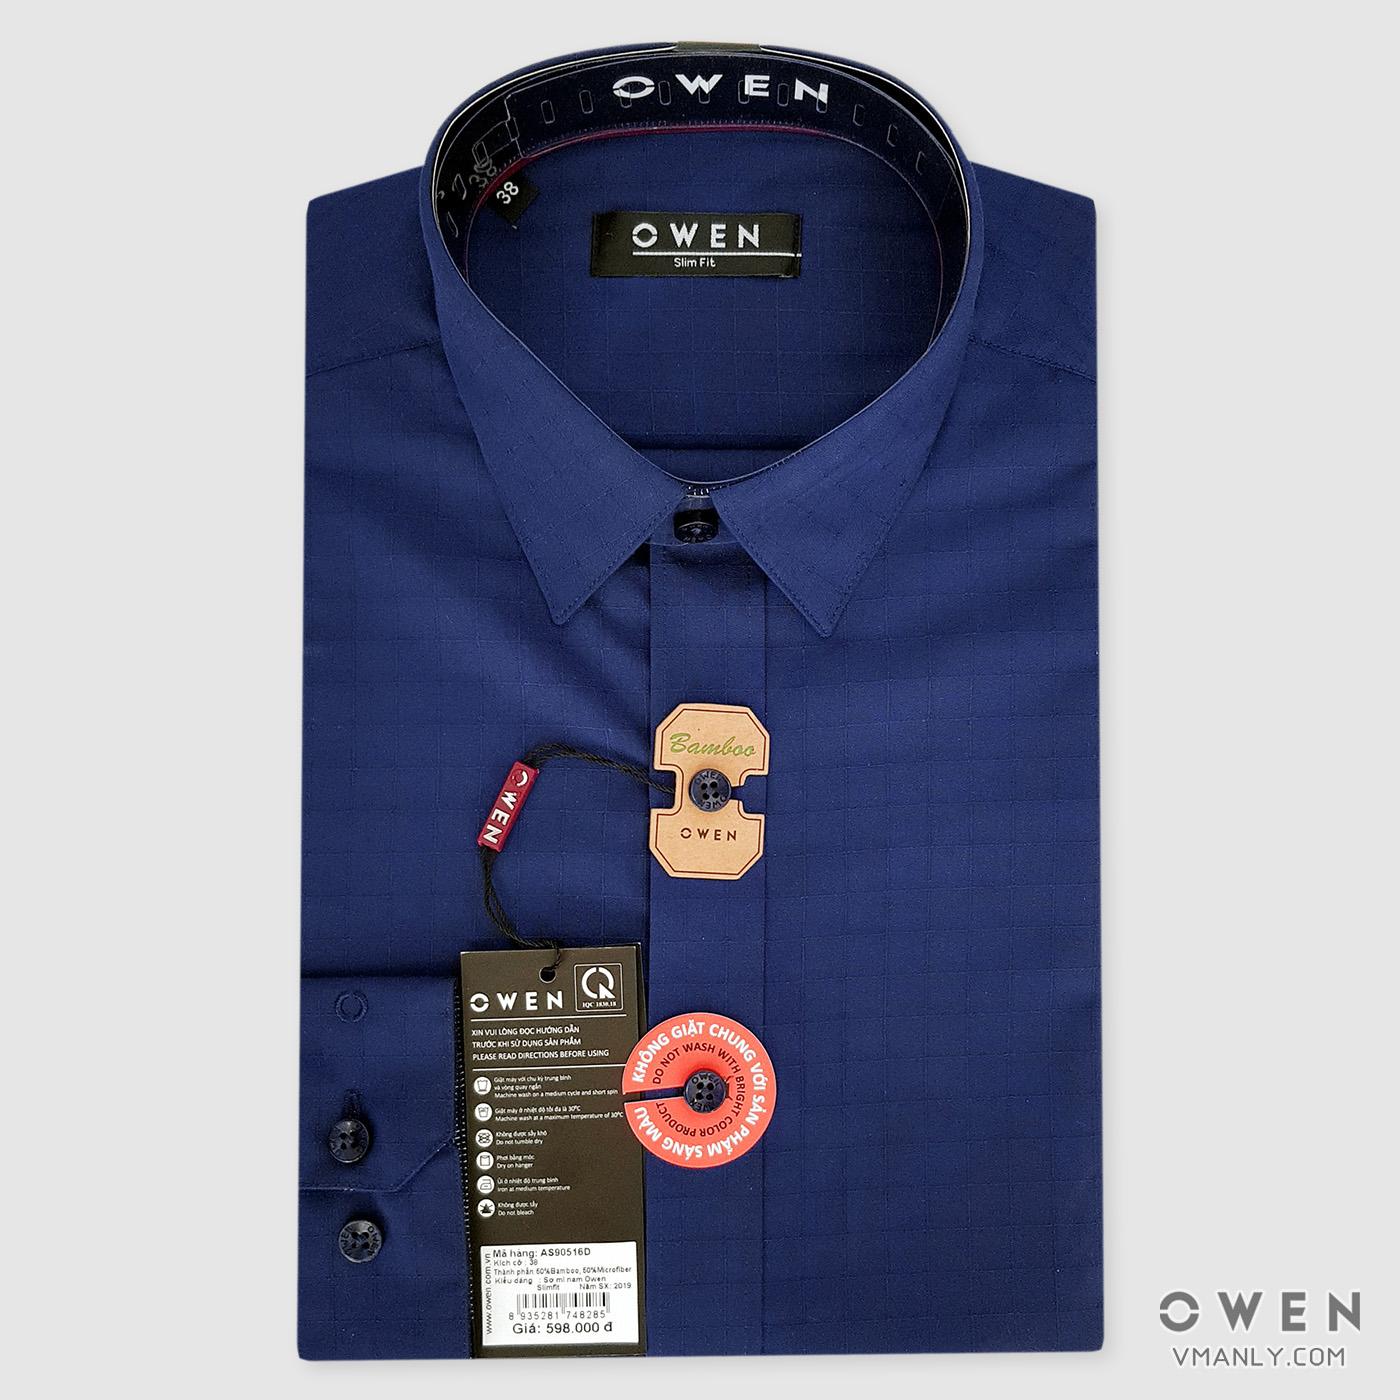 Áo sơ mi nam dài tay Owen màu xanh ca rô AS90516D